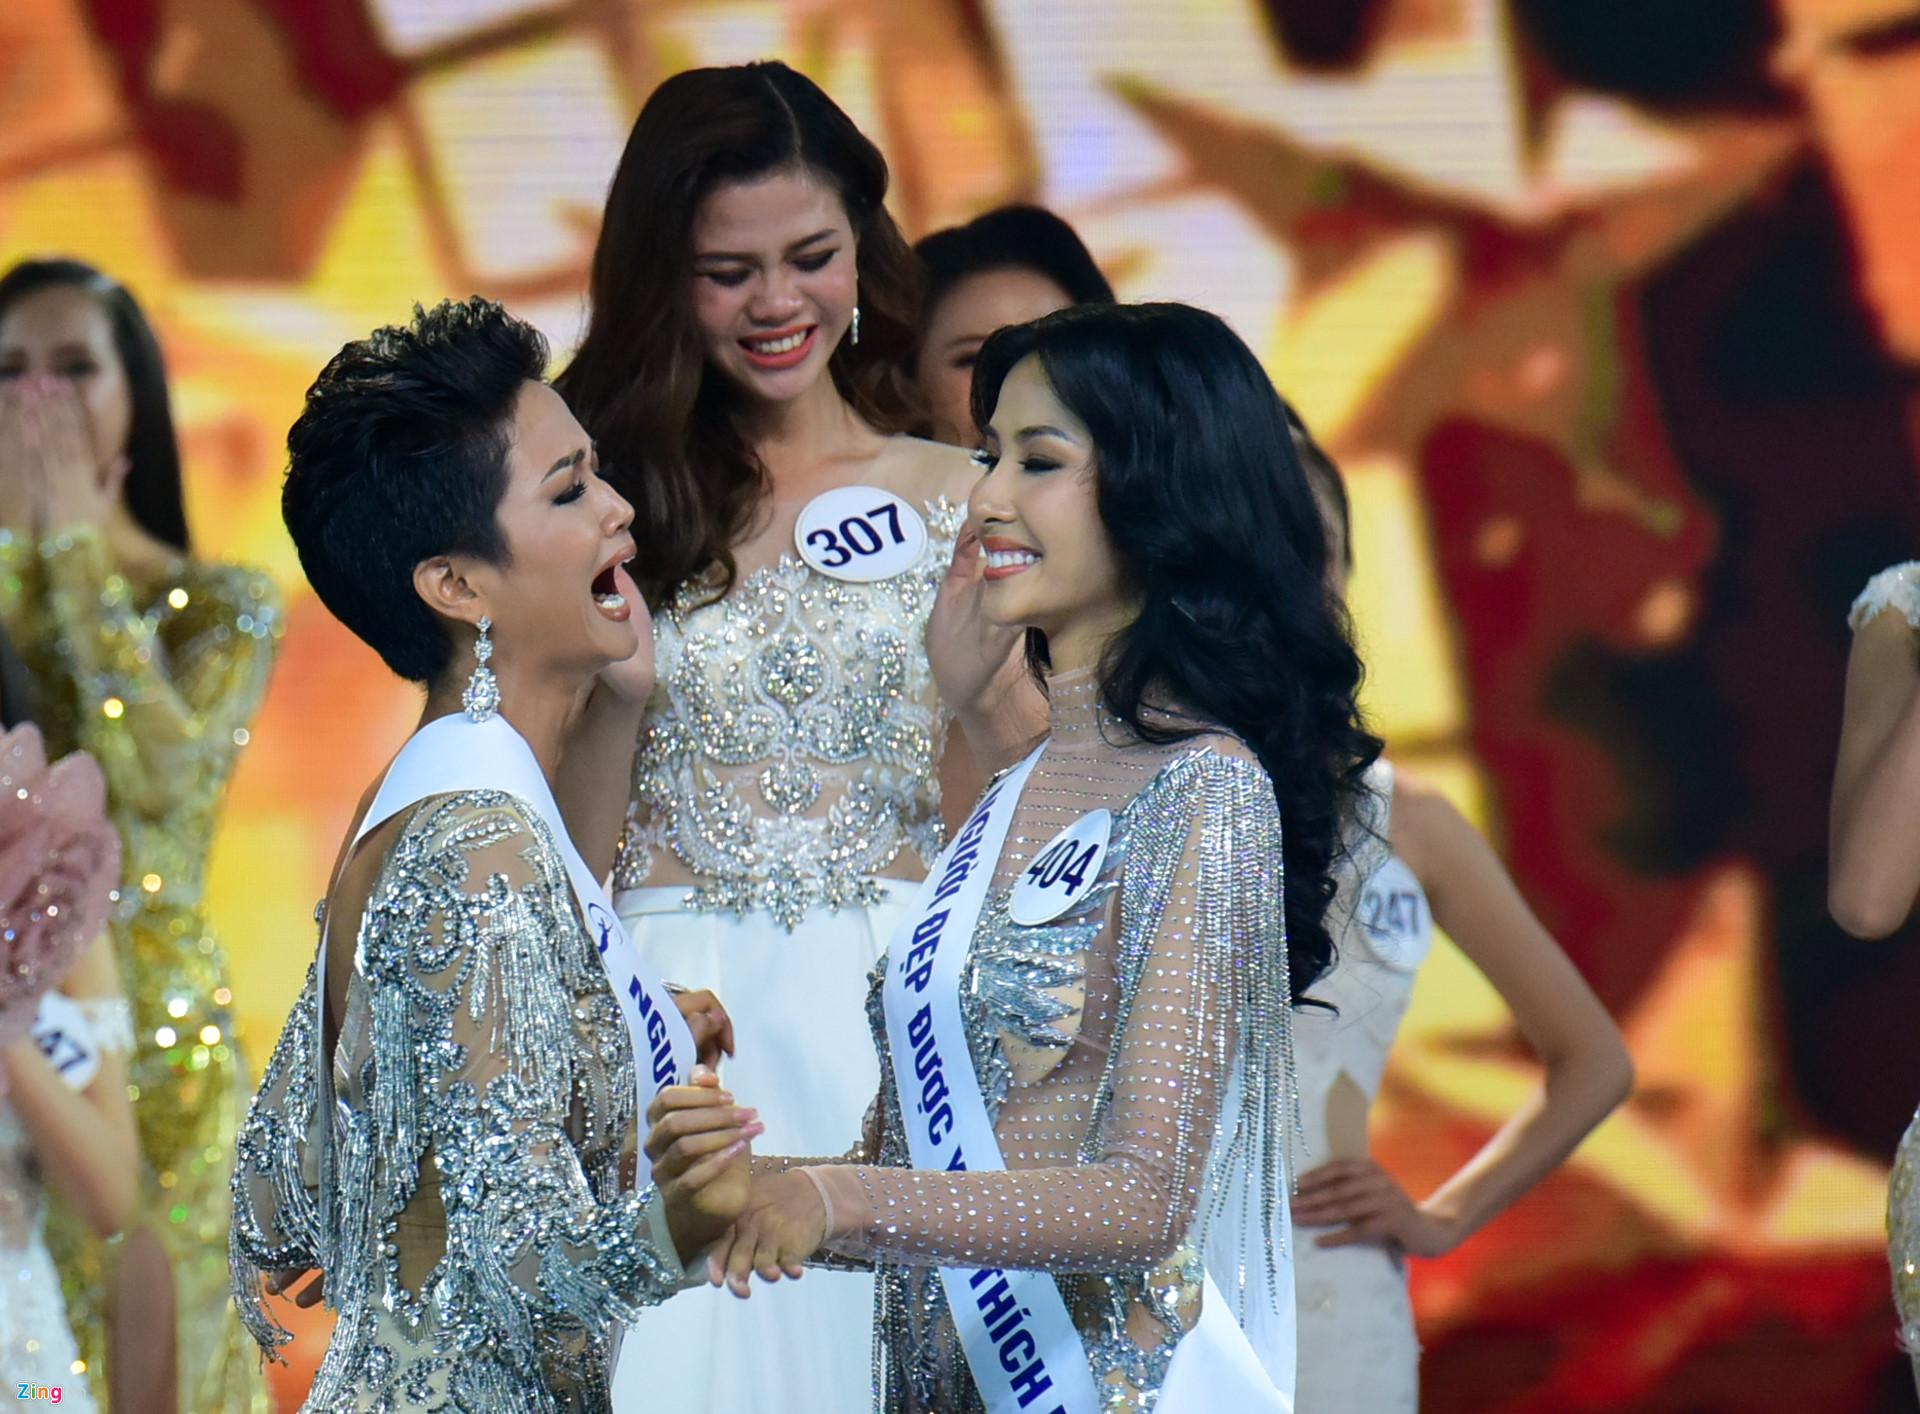 Hành động đầu tiên của H'Hen Niê sau khi đăng quang Hoa hậu Hoàn vũ Việt Nam khiến nhiều người ngỡ ngàng - Ảnh 1